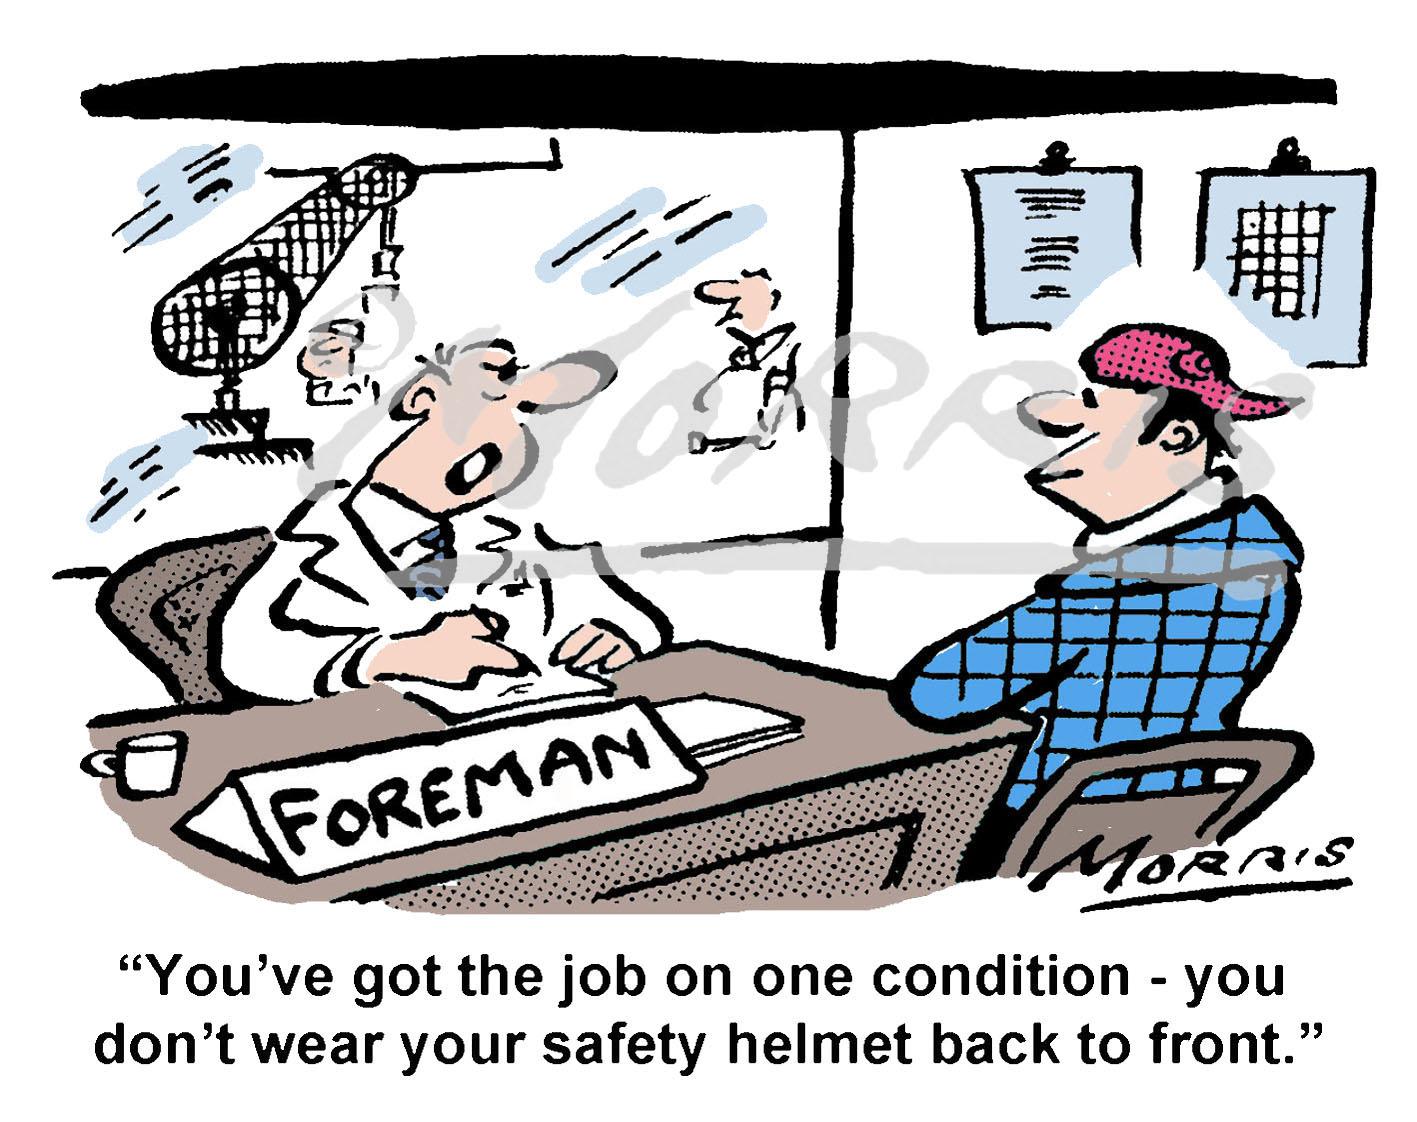 Job interview cartoon, Health & Safety cartoon – Ref: 8588col